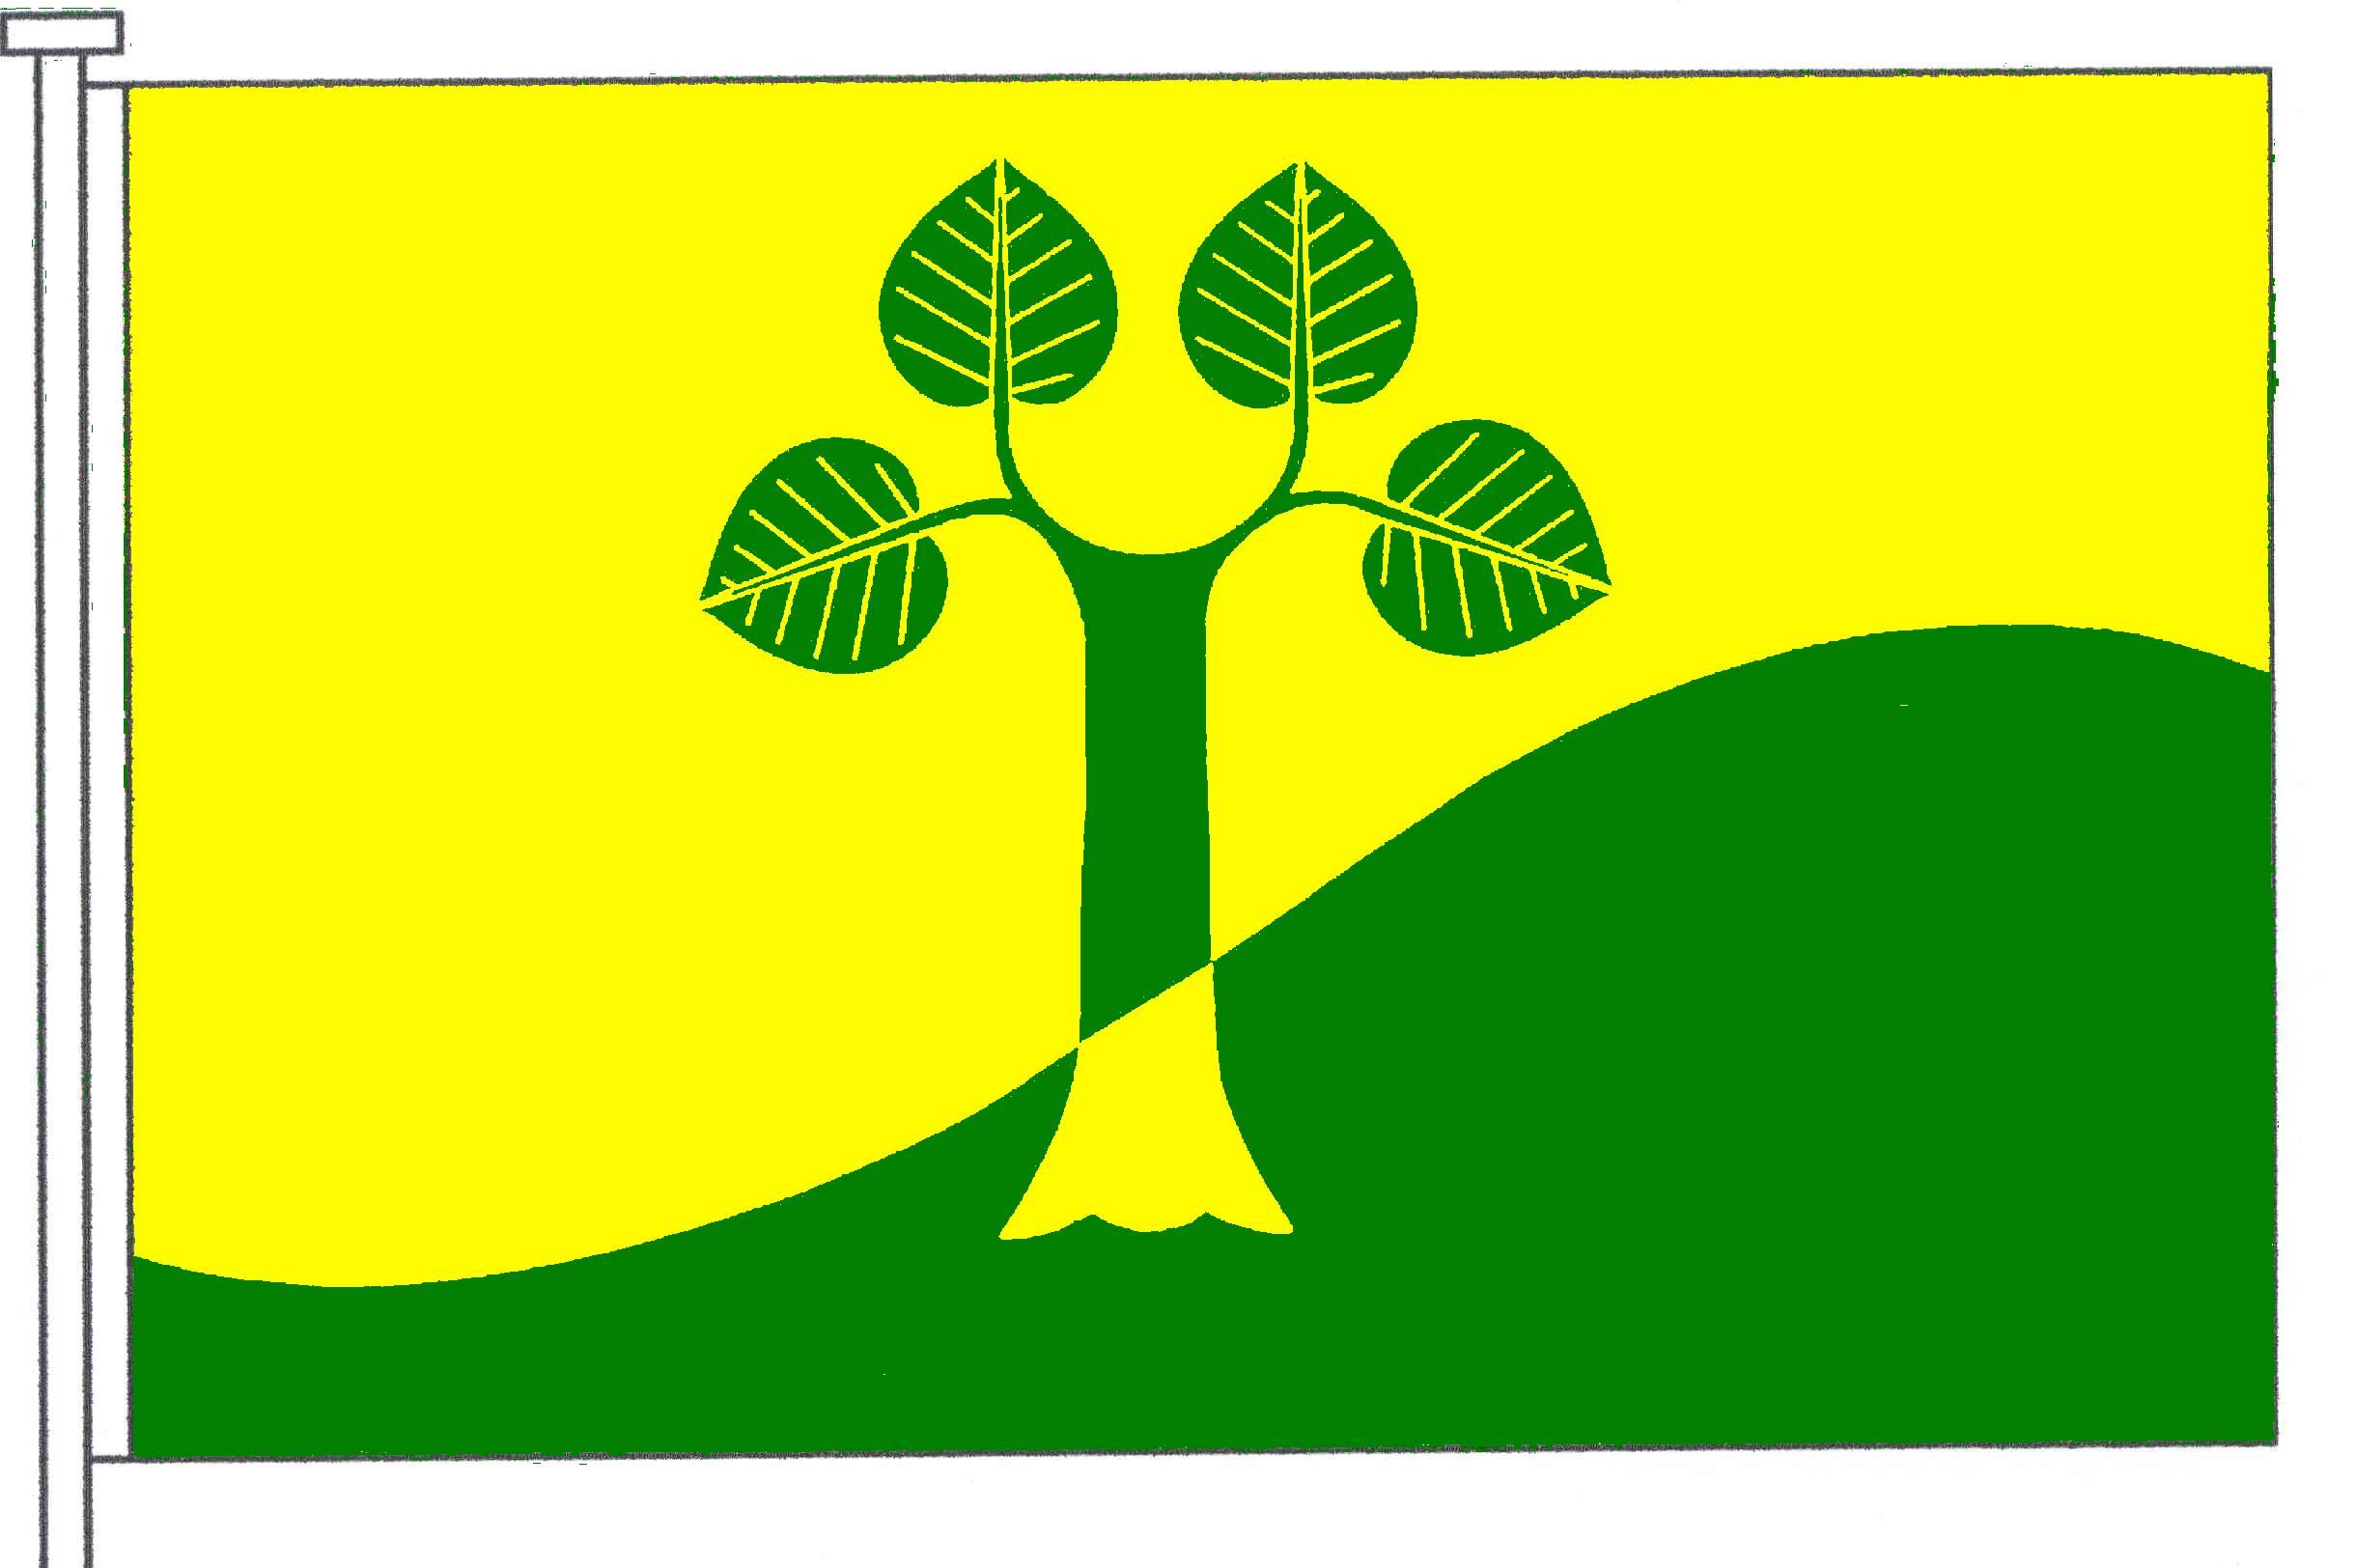 Flagge GemeindeNienborstel, Kreis Rendsburg-Eckernförde